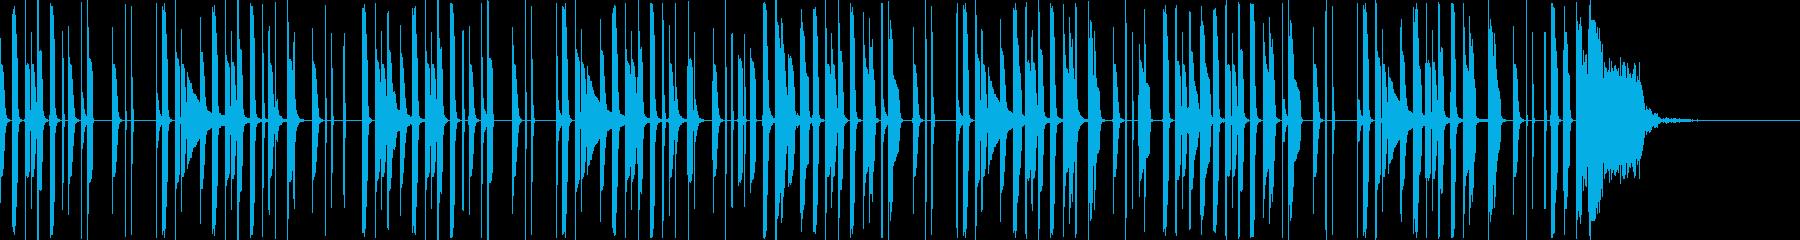 軽やかでシンプルなリズムのBGMの再生済みの波形